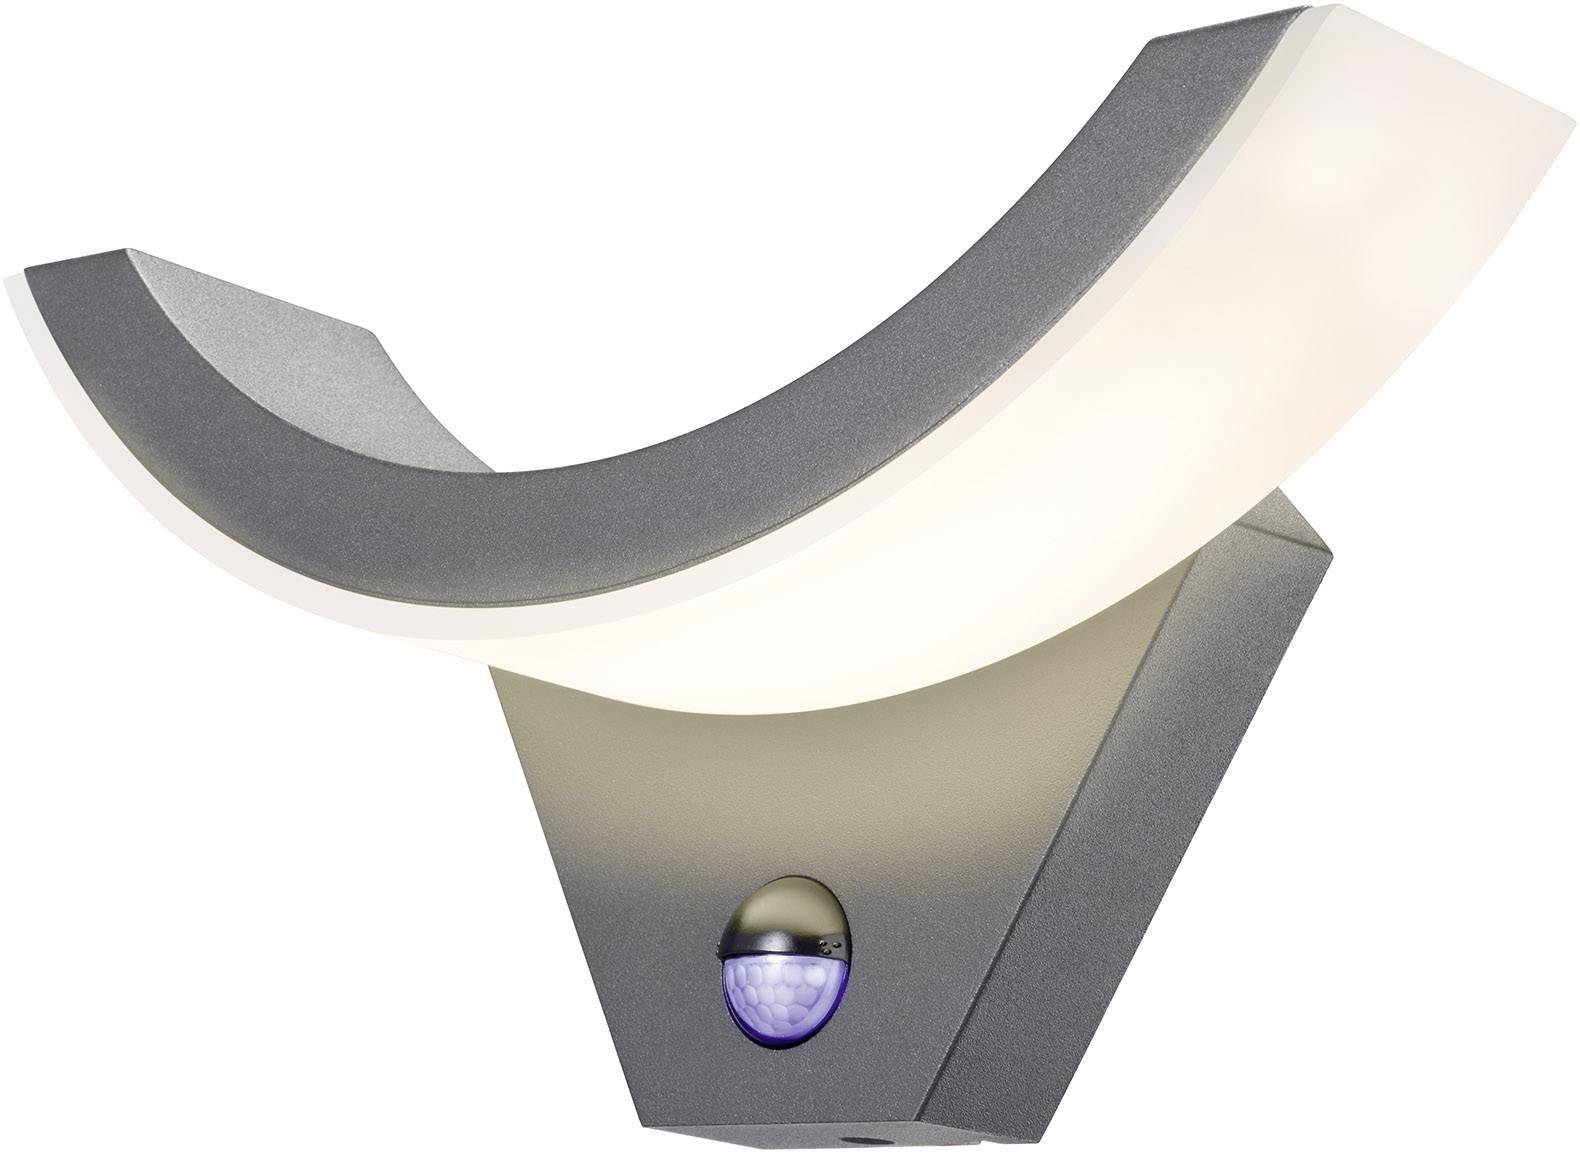 Wundervoll LED-Außenwandleuchte mit Bewegungsmelder 9 W Warm-Weiß Esotec  IL76